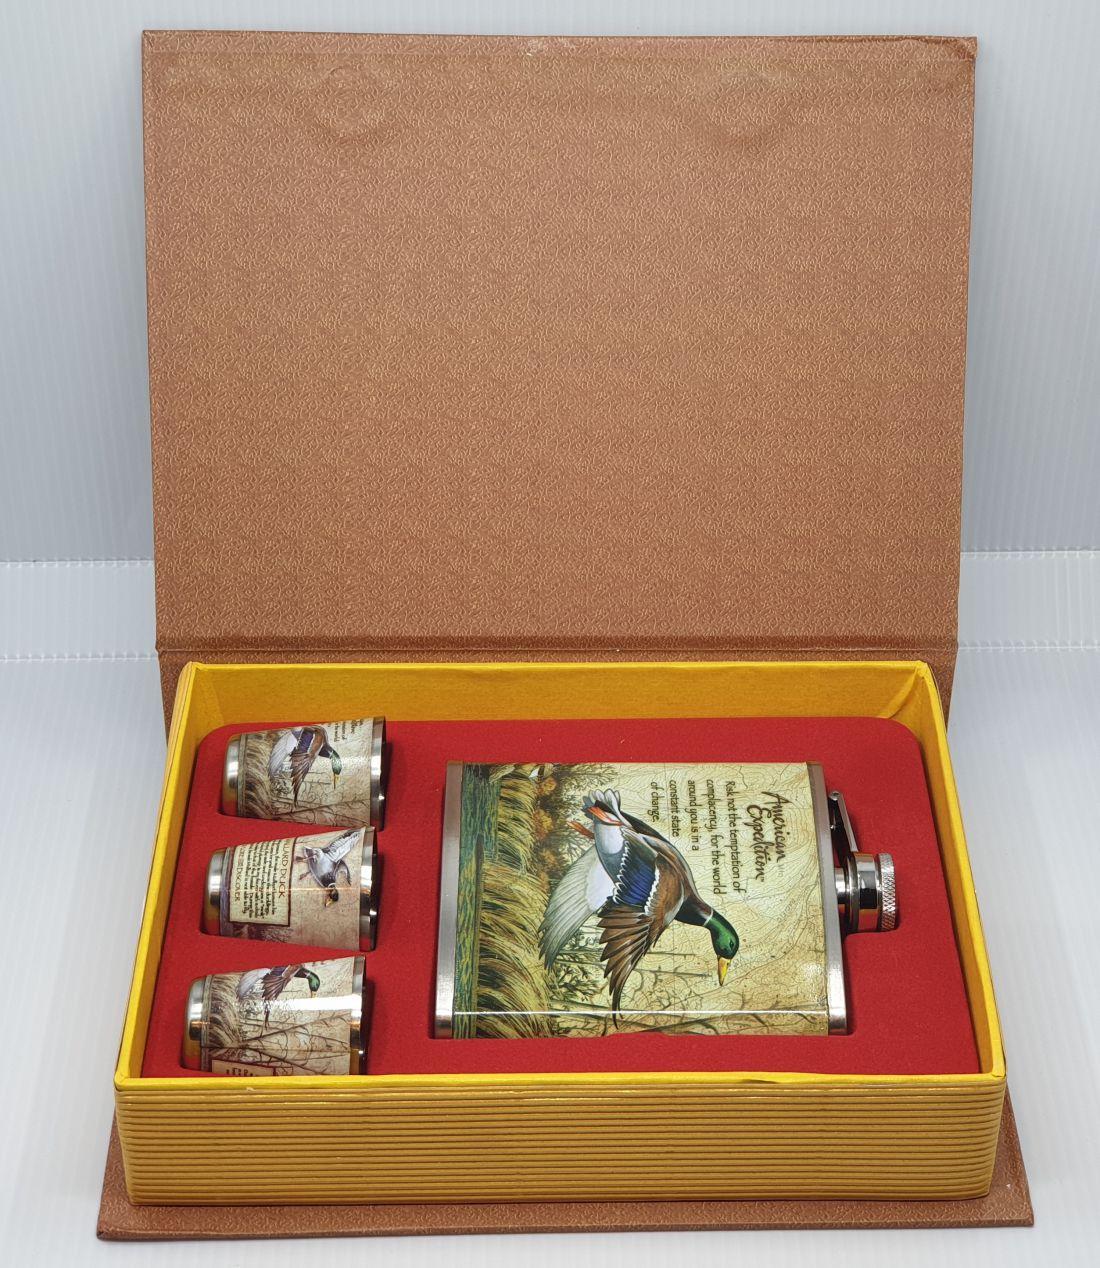 Flaska szett - Vadkacsa, könyv alakú dobozban